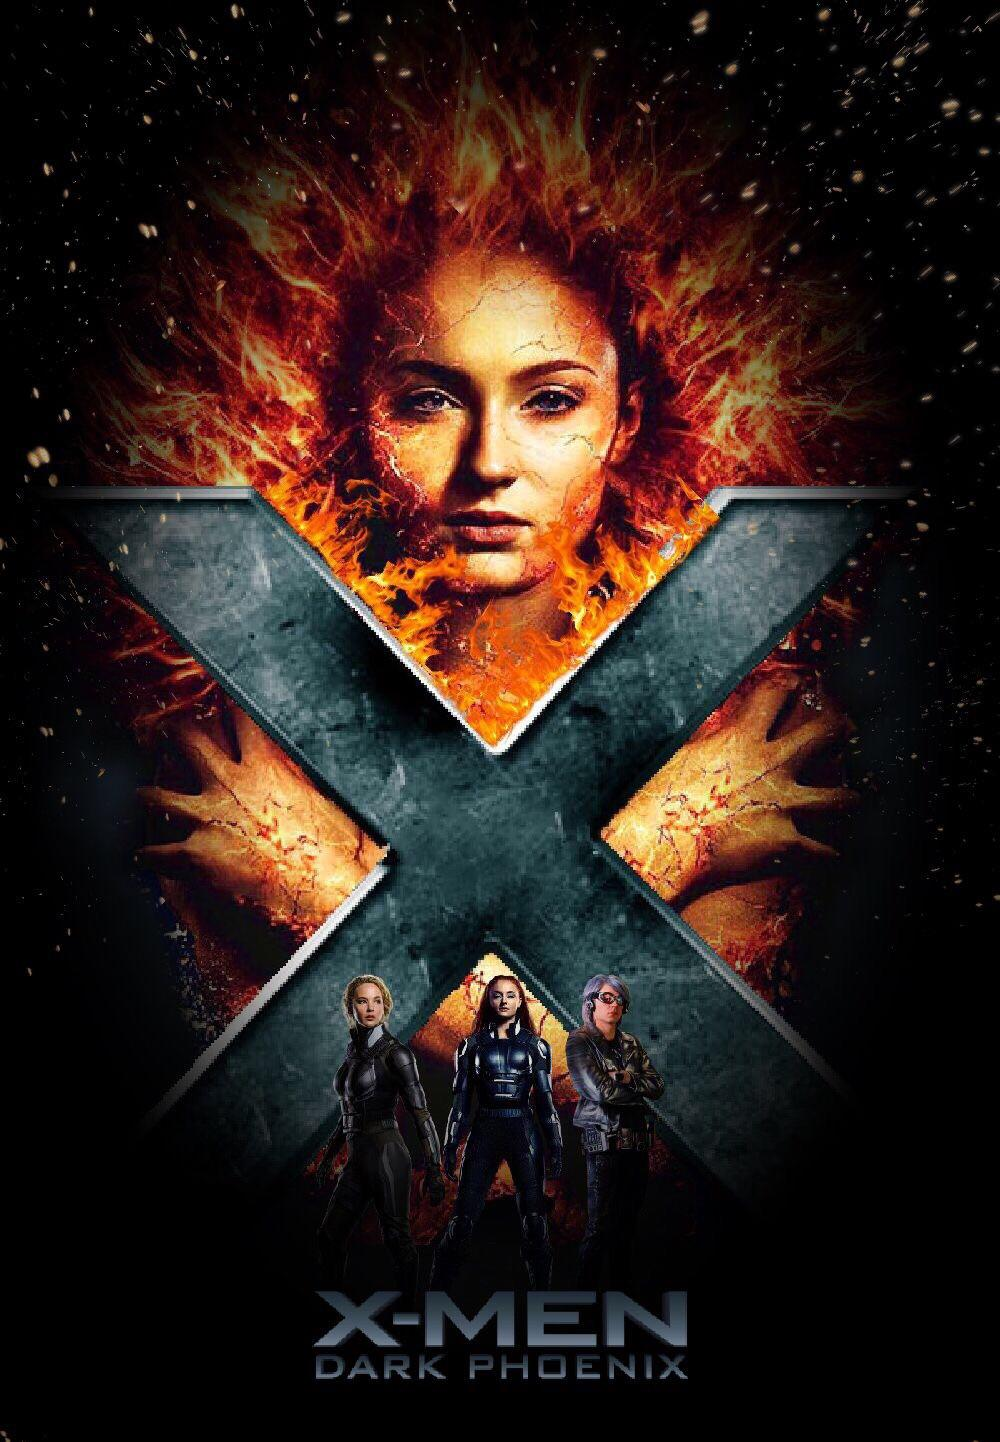 ดูหนัง X-MEN Dark Phoenix มาสเตอร์ HD ดูหนังออนไลน์ฟรี ดูหนังฟรี ดูหนังใหม่ชนโรง หนังใหม่ล่าสุด หนังแอคชั่น หนังผจญภัย หนังแอนนิเมชั่น หนัง HD ได้ที่ movie24x.com